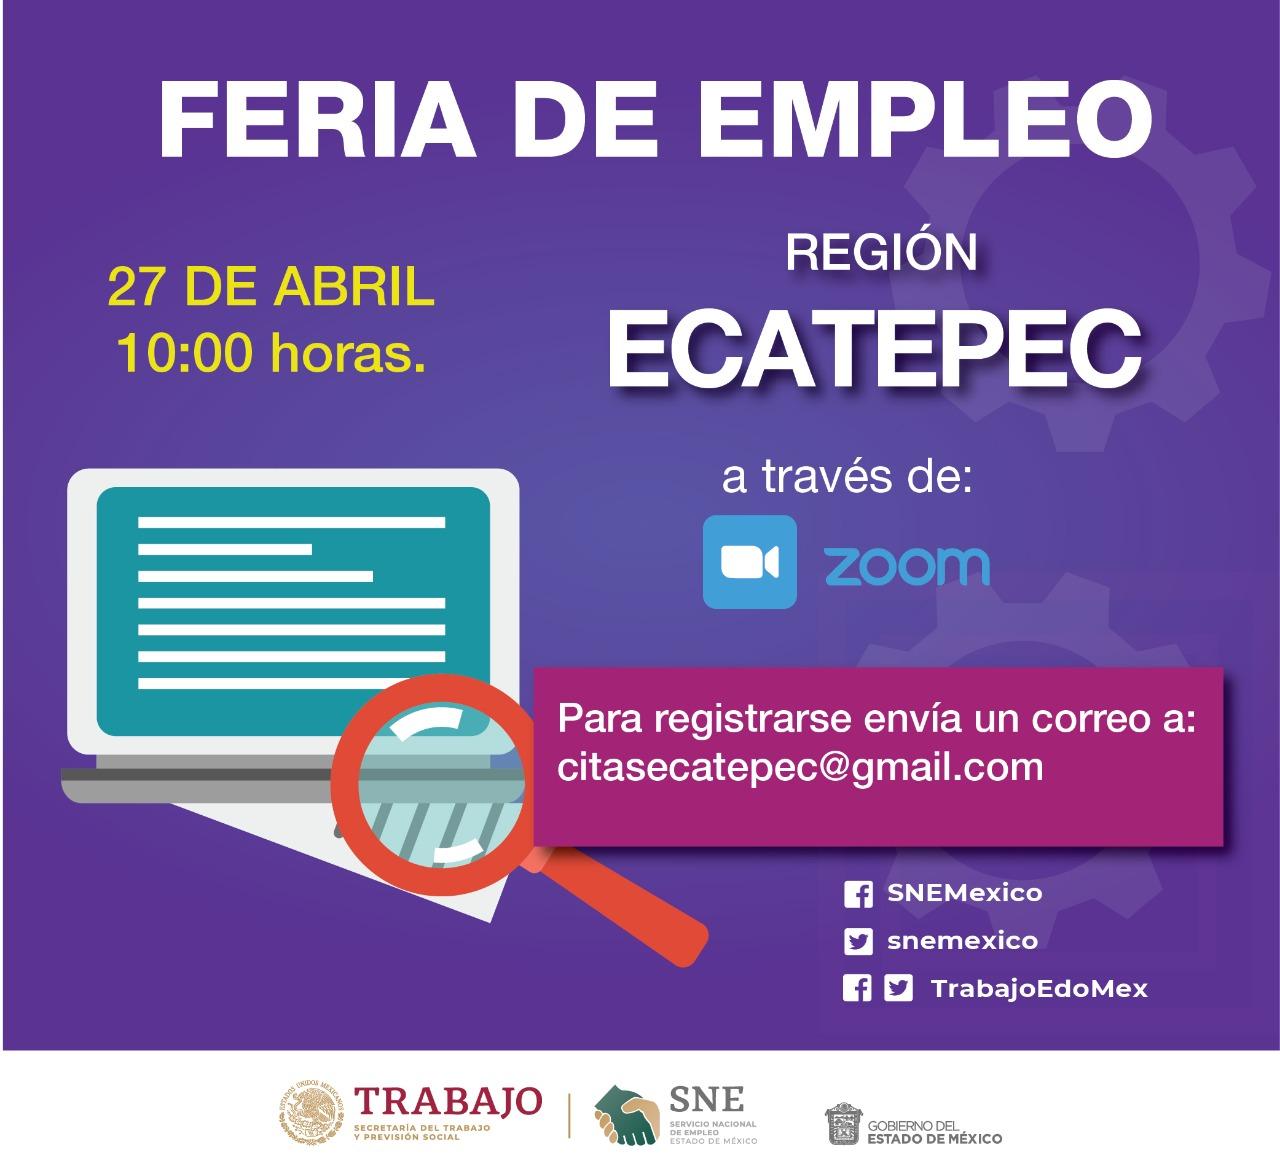 Realizarán nueve ferias de empleo virtuales en Edomex - Abr 7, 2021